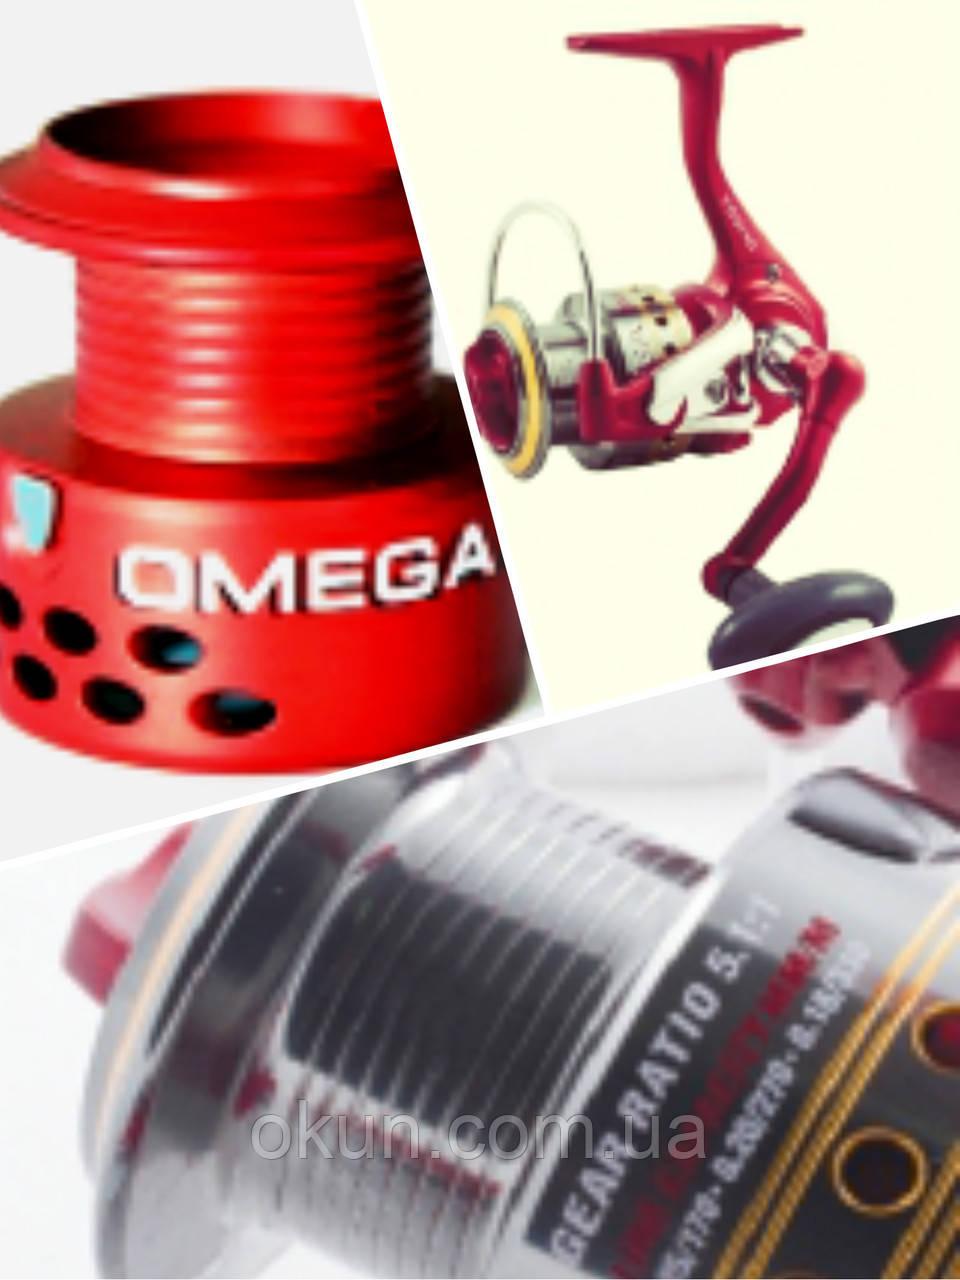 Катушка Omega 2000 FD 3+1